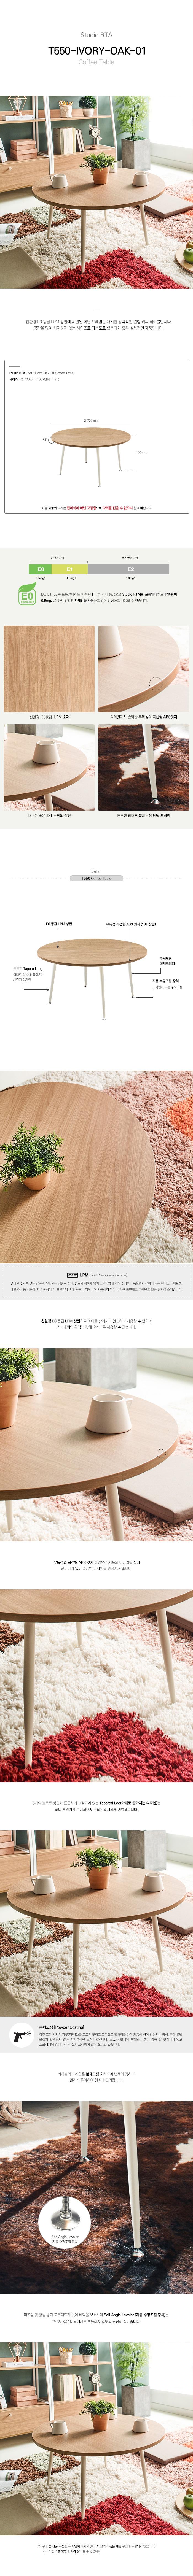 T550-Ivory-Oak-01_Coffee-Table_190920.jp